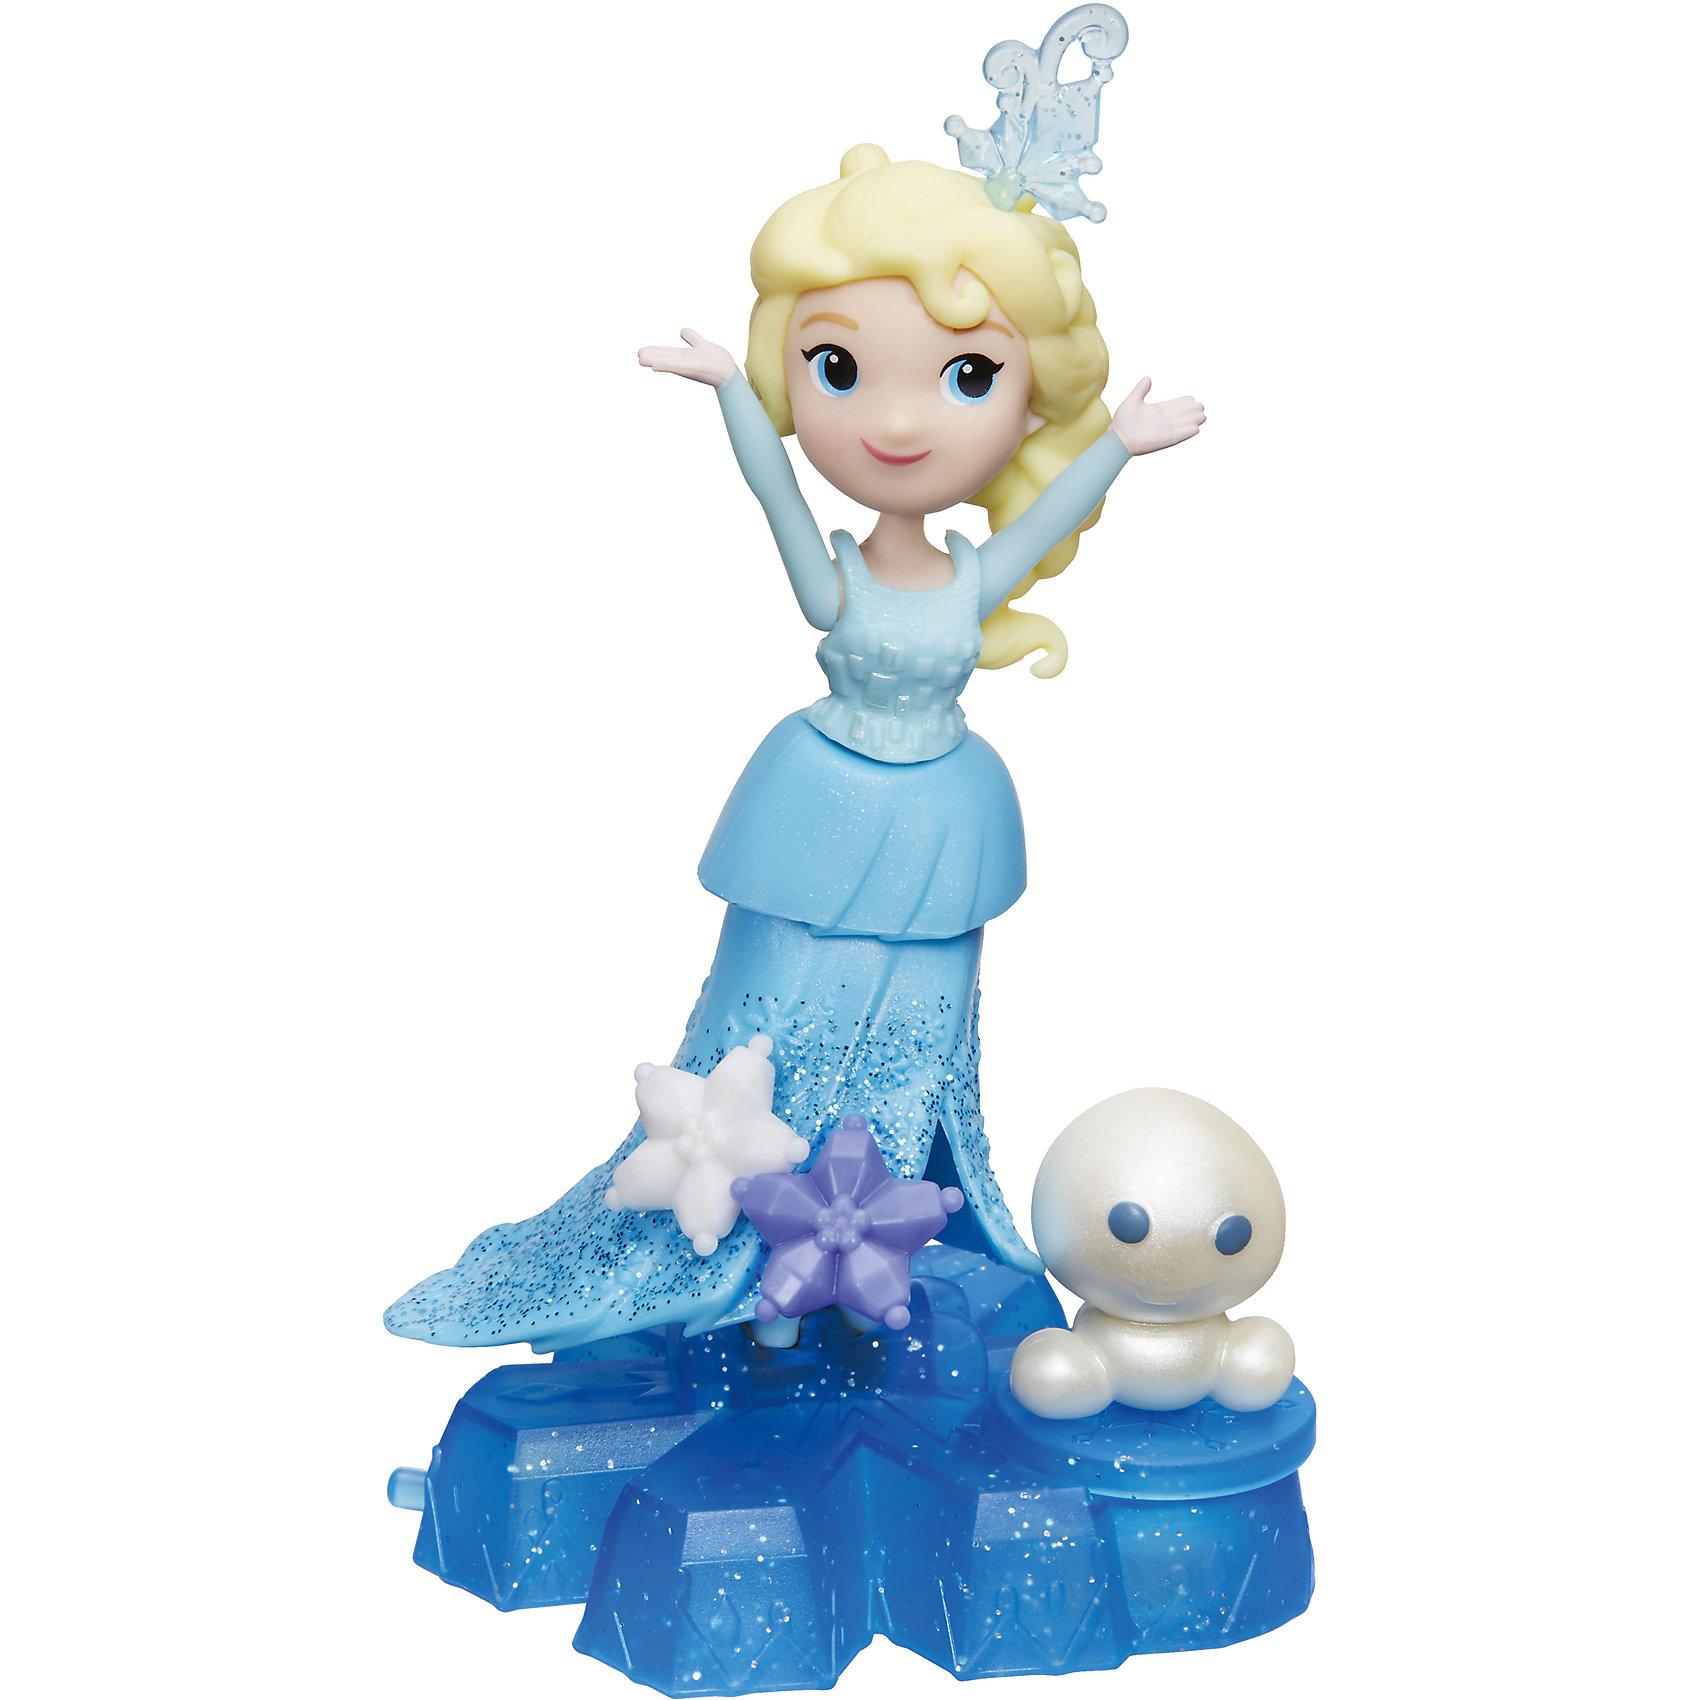 Маленькая кукла Холодное Сердце, HasbroМини-куклы<br>Характеристики товара:<br><br>• возраст: от 4 лет;<br>• материал: пластик;<br>• в комплекте: кукла, аксессуары;<br>• высота кукла: 7,5 см;<br>• размер упаковки: 17,8х15,2х4,4 см;<br>• вес упаковки: 92 гр.;<br>• страна производитель: Китай.<br><br>Маленькая кукла «Холодное сердце» Hasbro представляет собой героиню известного мультфильма Дисней принцессу Эльзу. Куколка стоит на необычной платформе-снежинке. Пока снежинка движется по поверхности, снеговички на снежинке вращаются. <br><br>Маленькую куклу «Холодное сердце» Hasbro можно приобрести в нашем интернет-магазине.<br><br>Ширина мм: 44<br>Глубина мм: 178<br>Высота мм: 178<br>Вес г: 92<br>Возраст от месяцев: 48<br>Возраст до месяцев: 2147483647<br>Пол: Женский<br>Возраст: Детский<br>SKU: 6943662